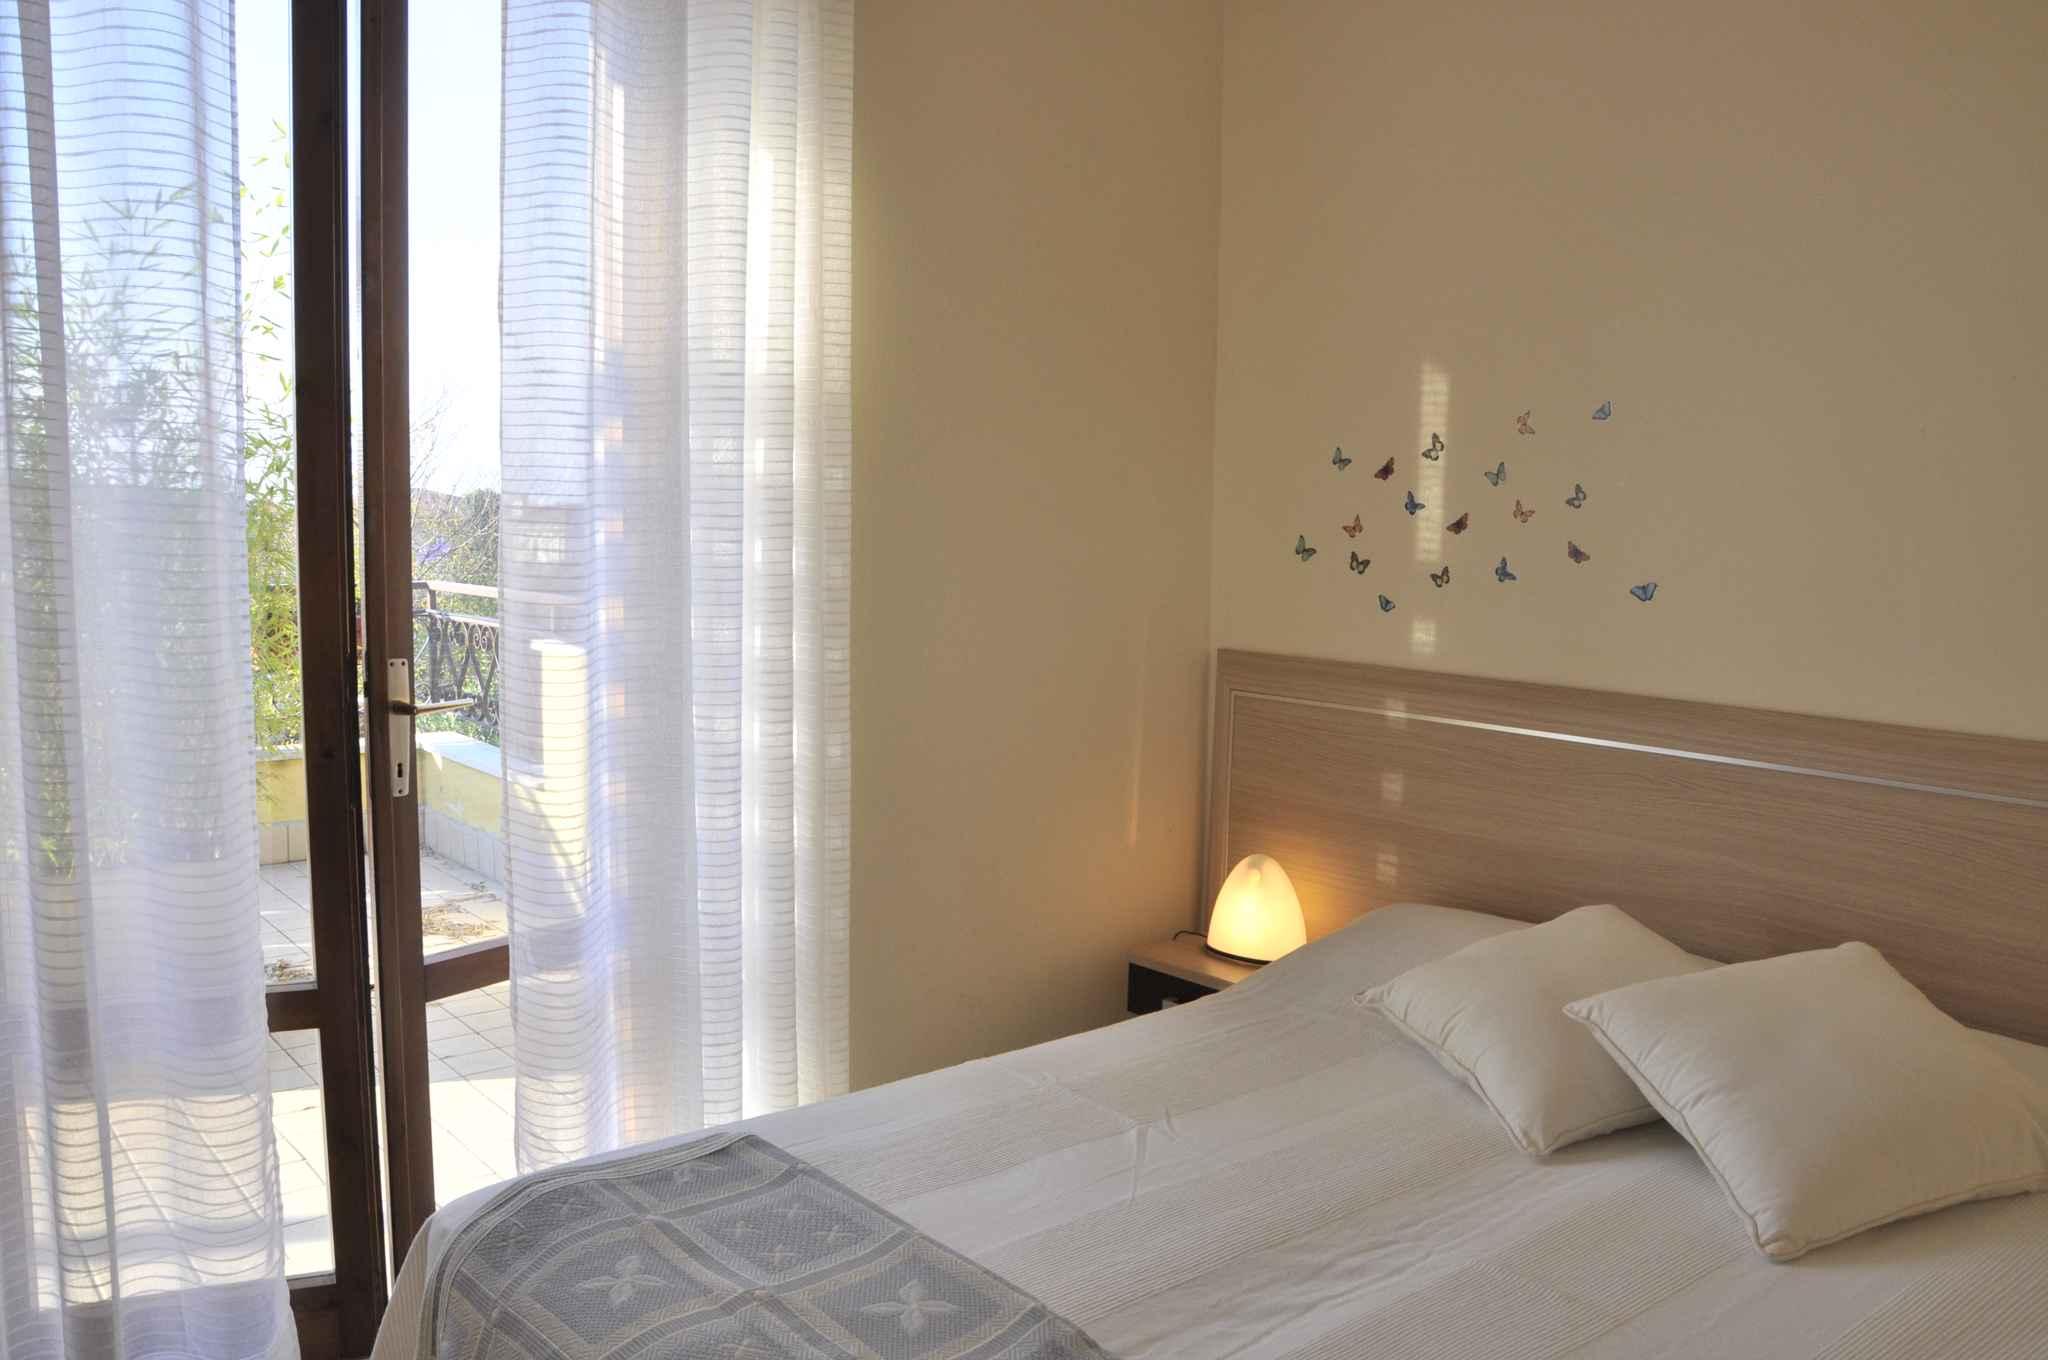 Ferienwohnung con balcone (480312), Lazise, Gardasee, Venetien, Italien, Bild 23